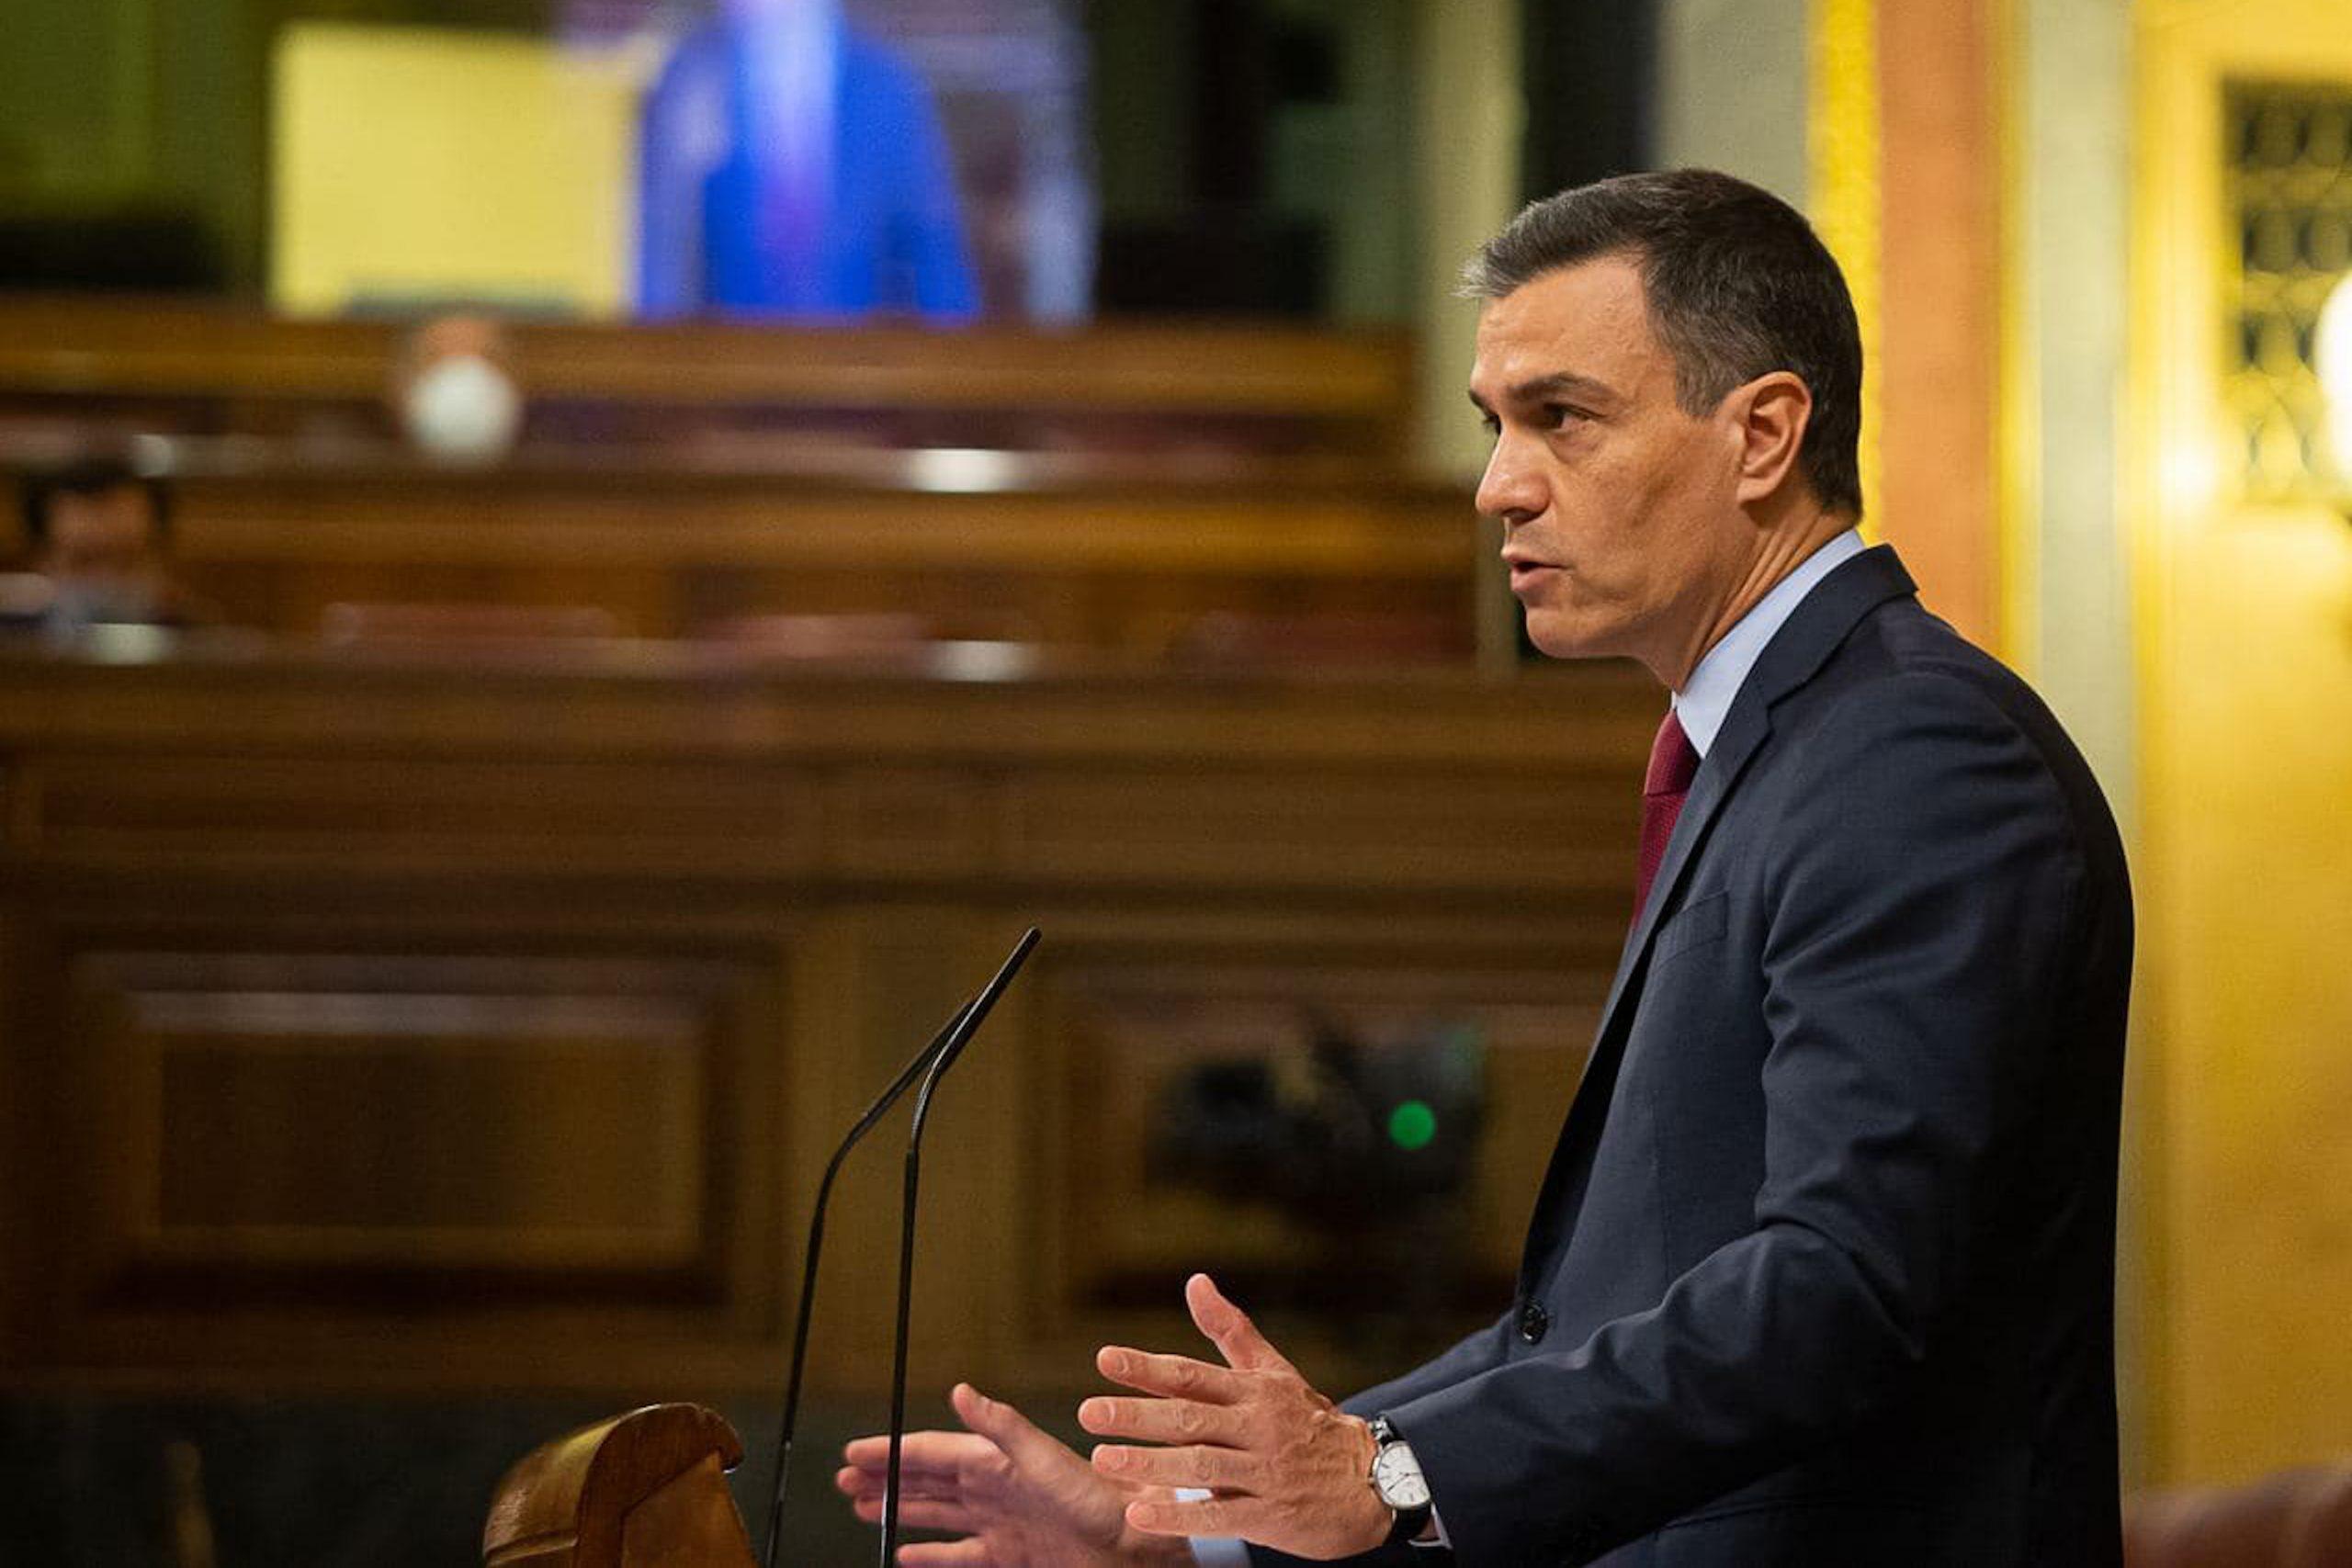 El president del govern espanyol, Pedro Sánchez, durant un ple del Congrés dels Diputats | ACN